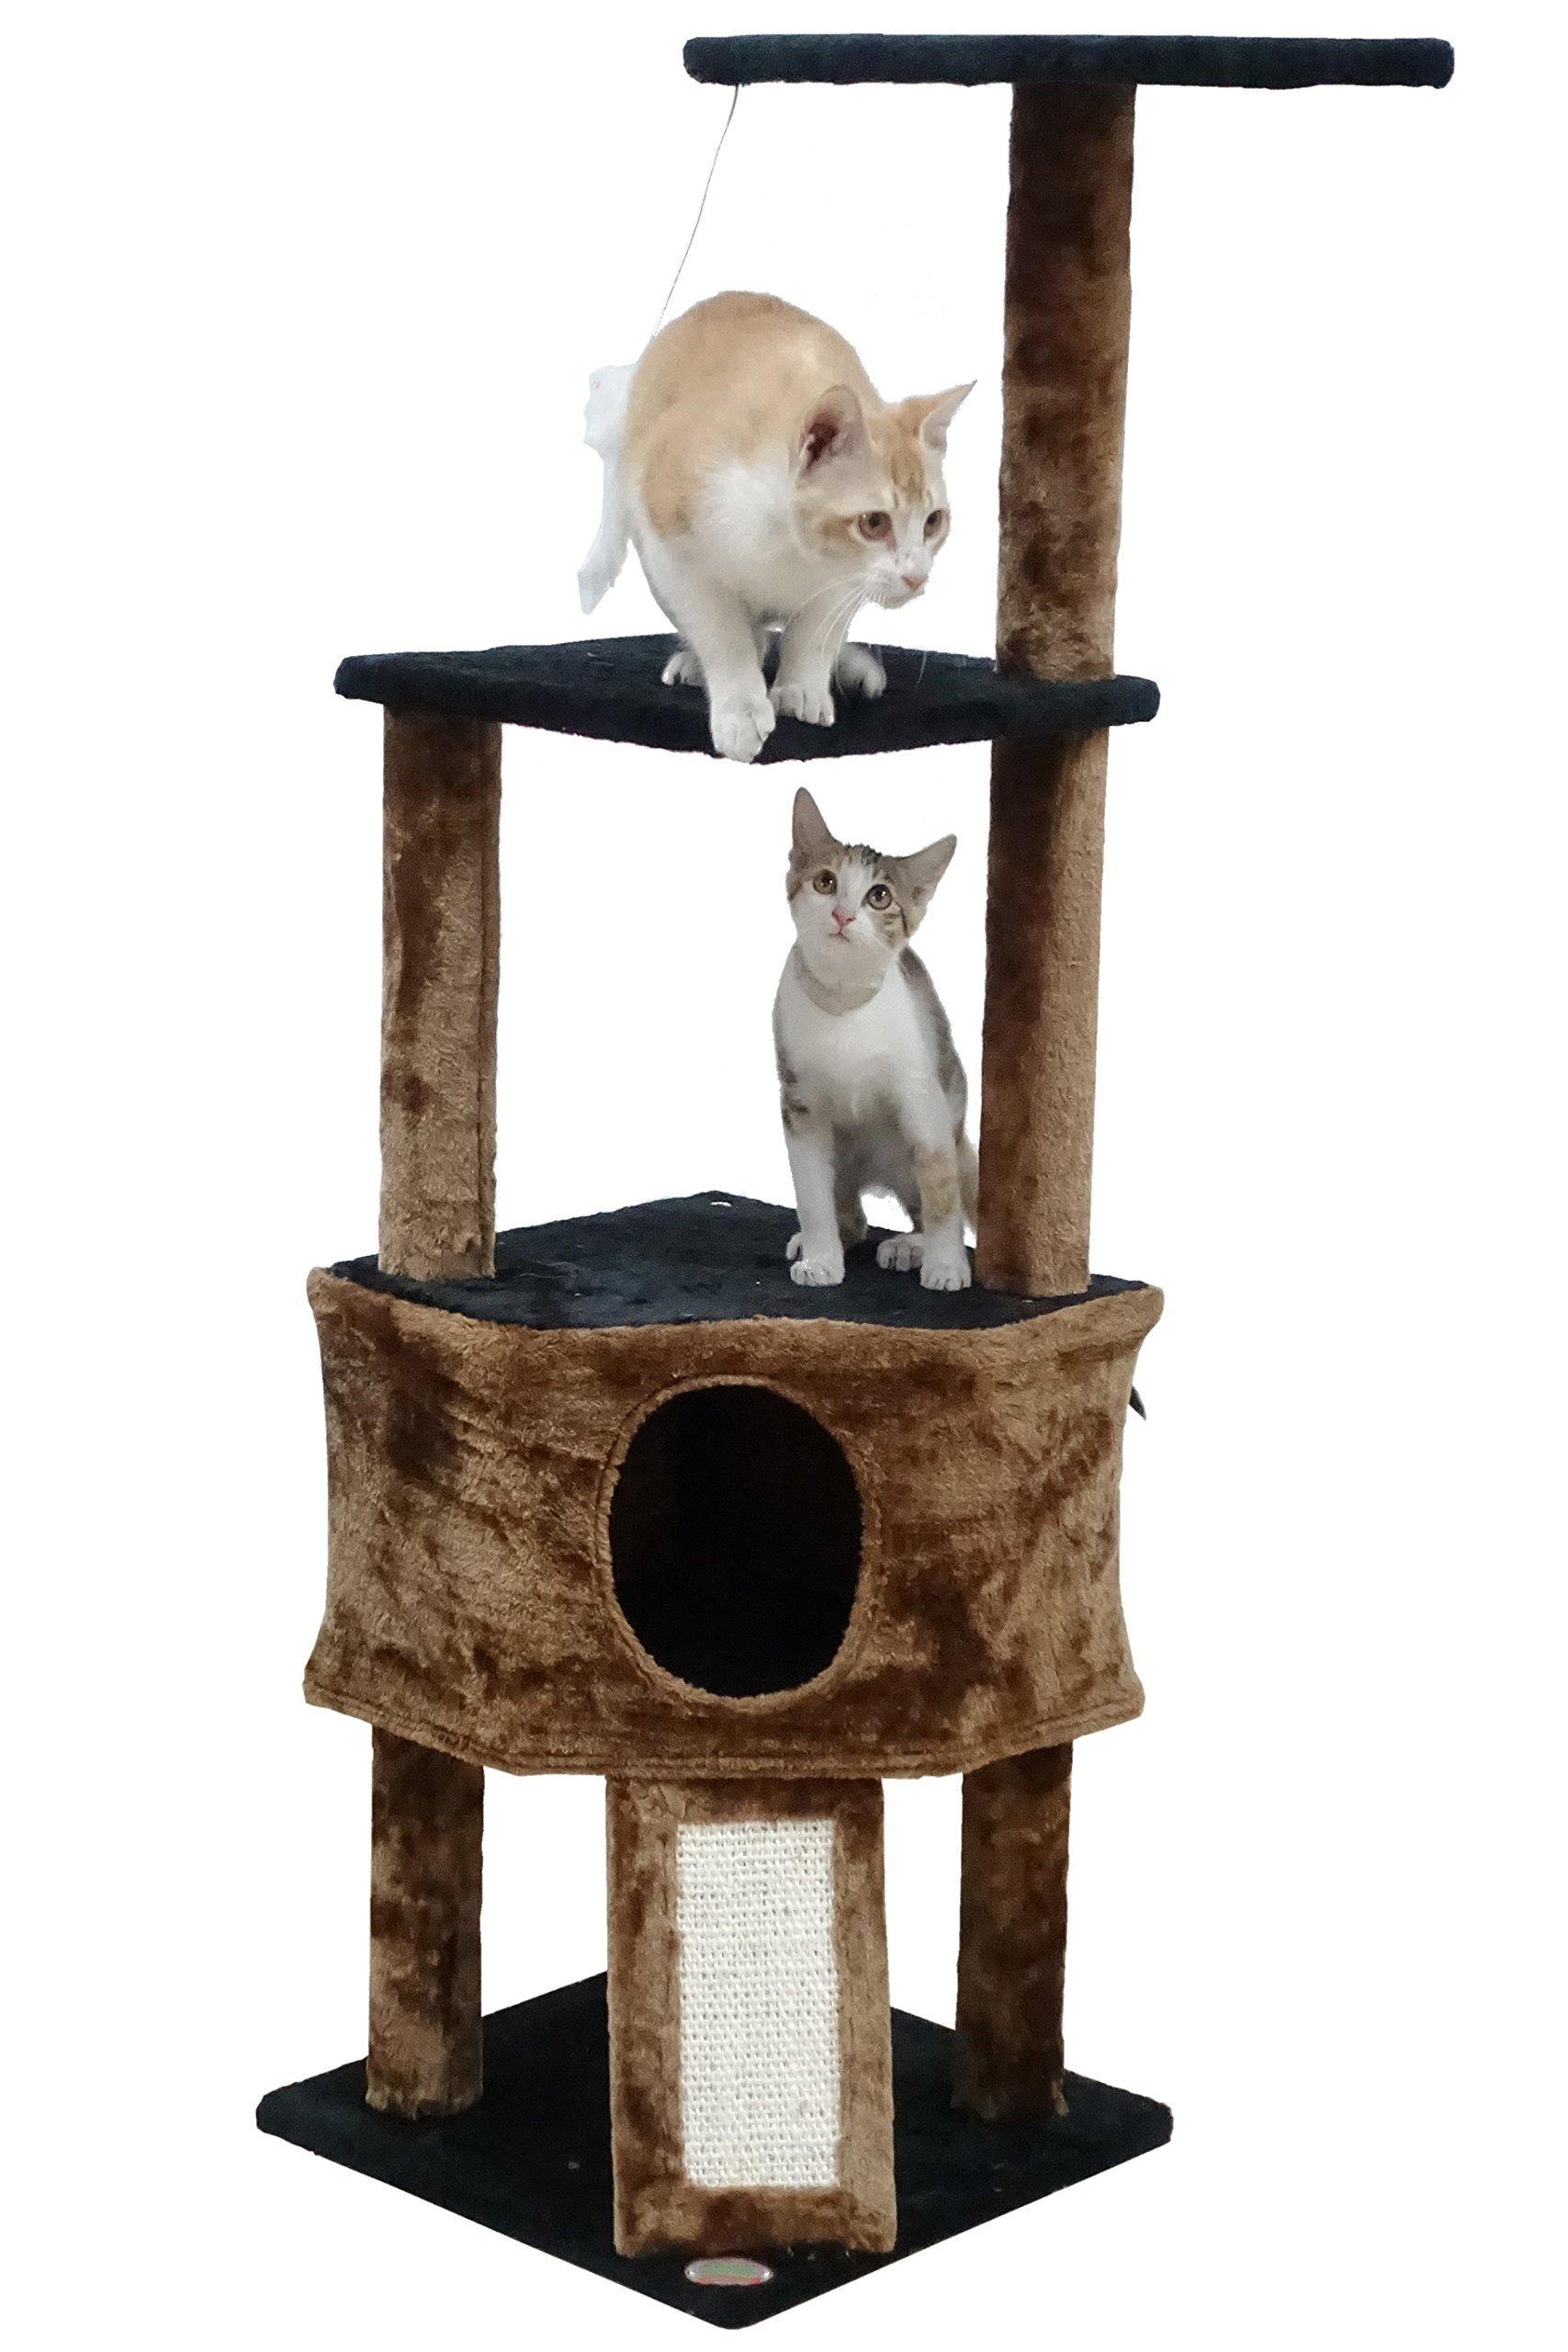 Go Pet Club F707 46'' Kitten Tree